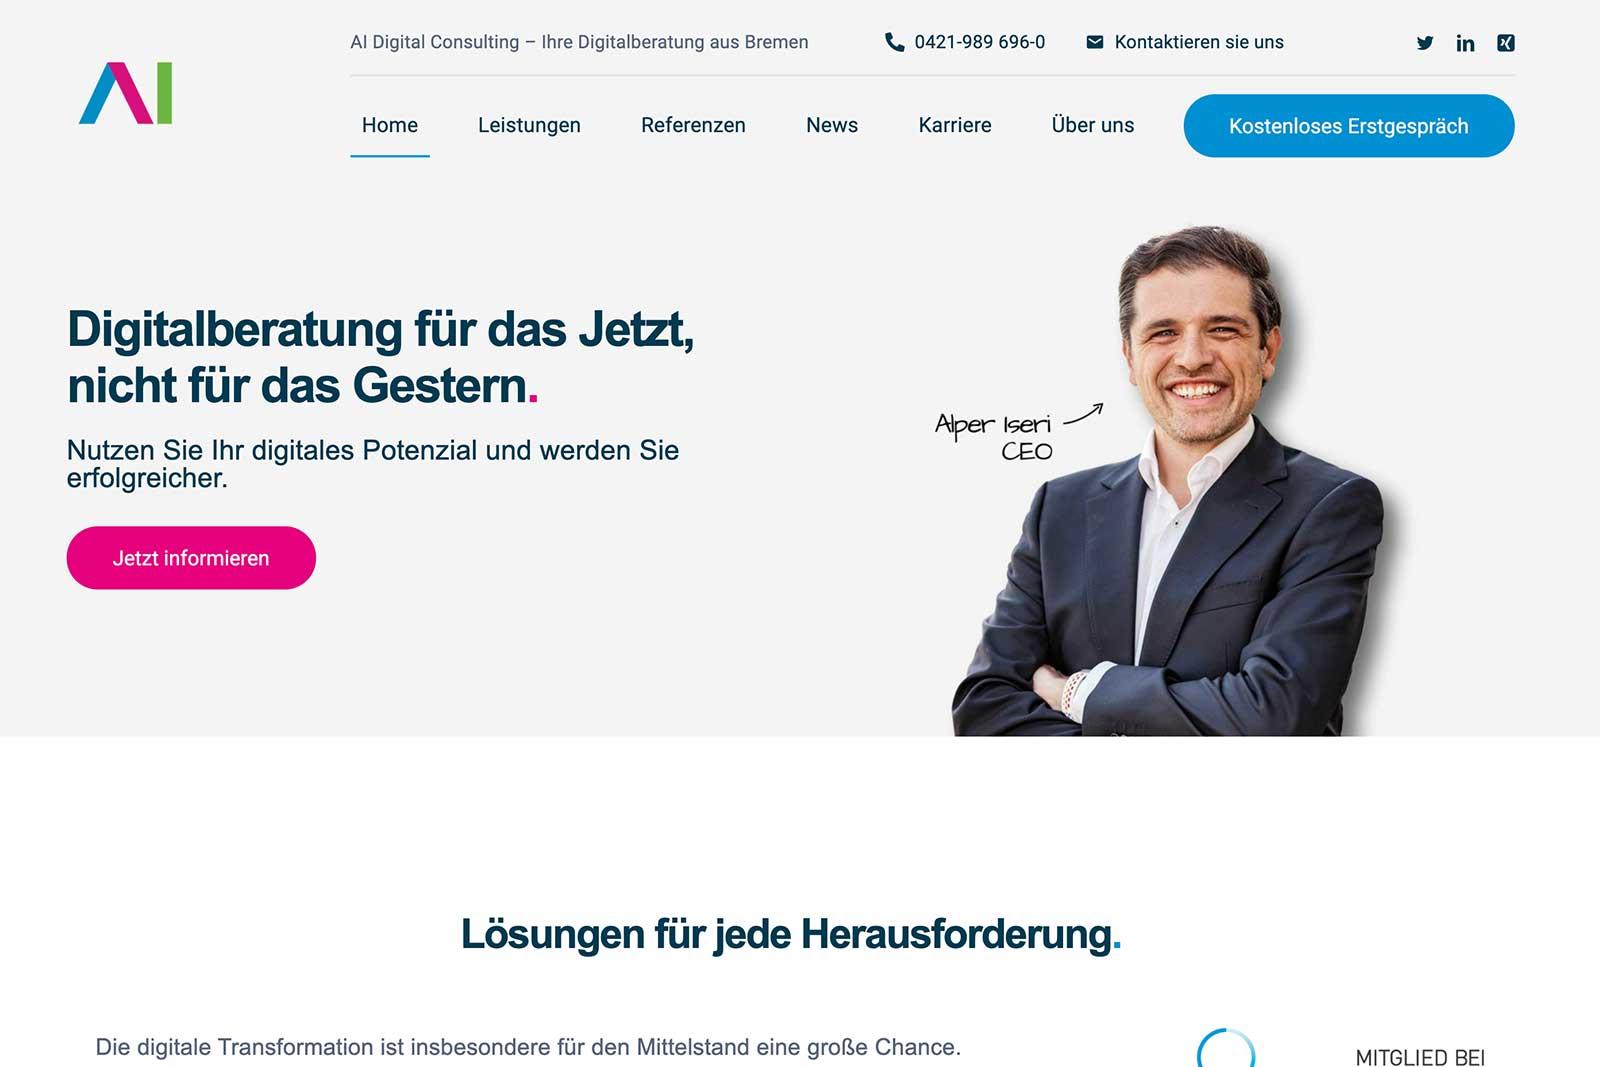 Die neue Homepage von AI Digital Consulting ist online